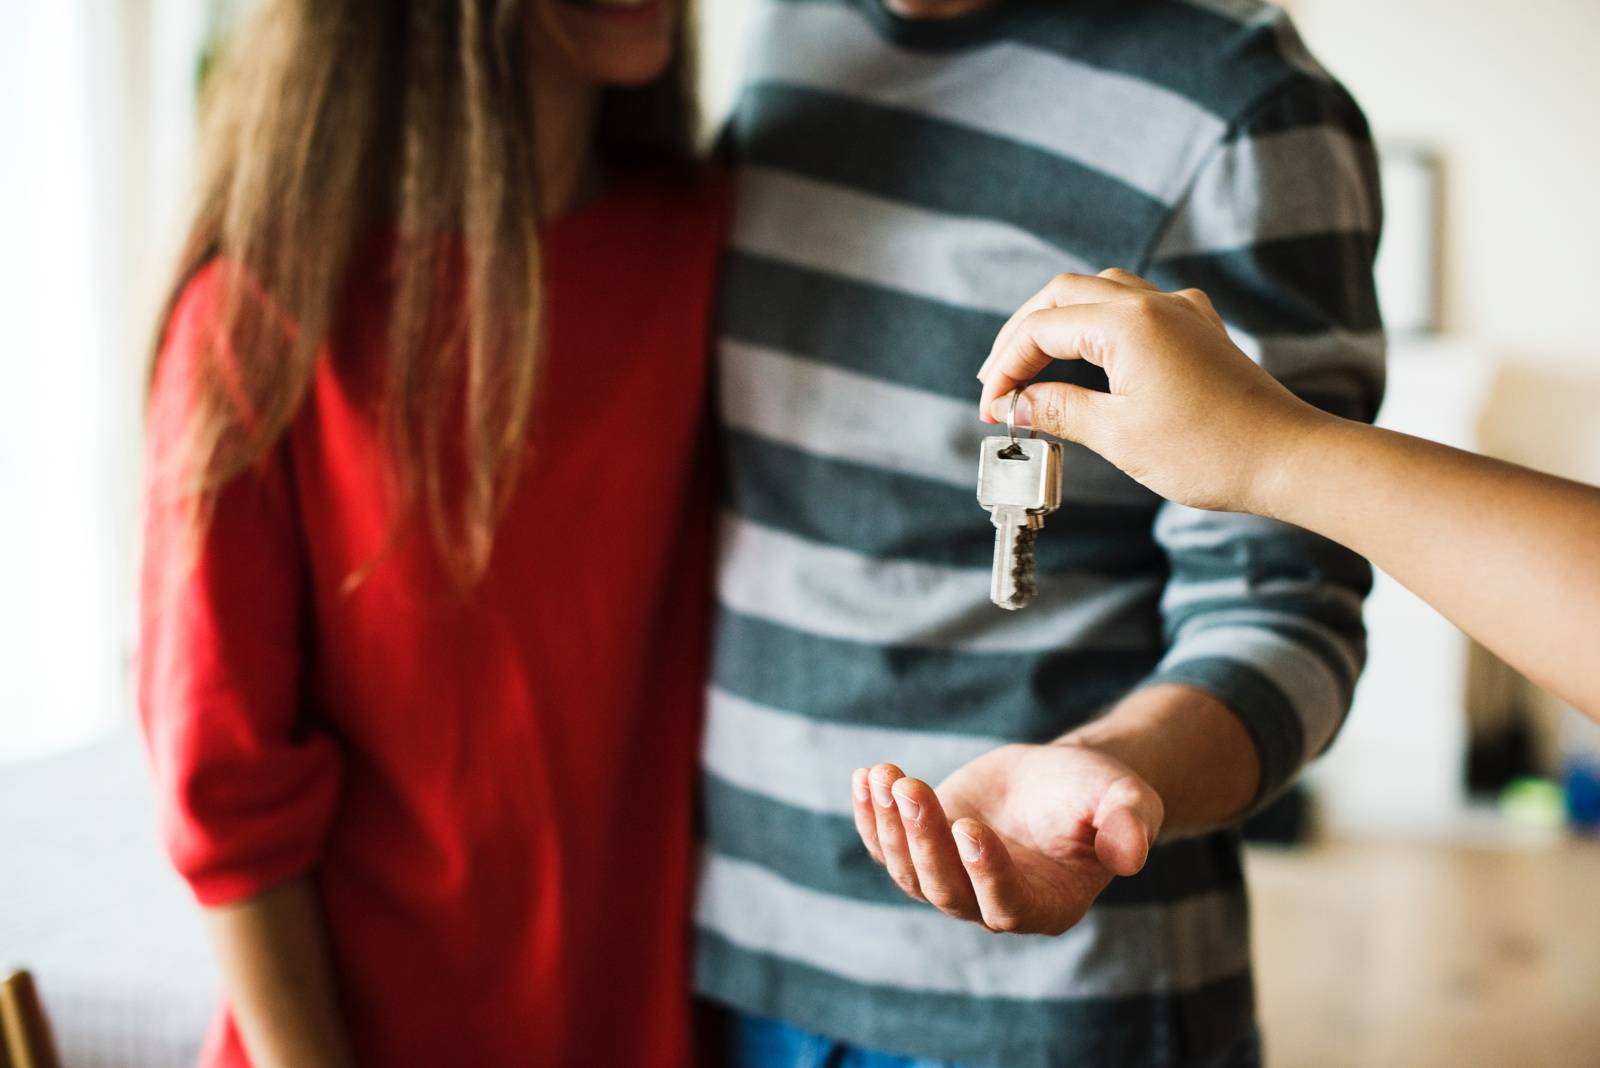 Registrų centras: šiemet būstų parduota už 440 mln. eurų, brango seni butai